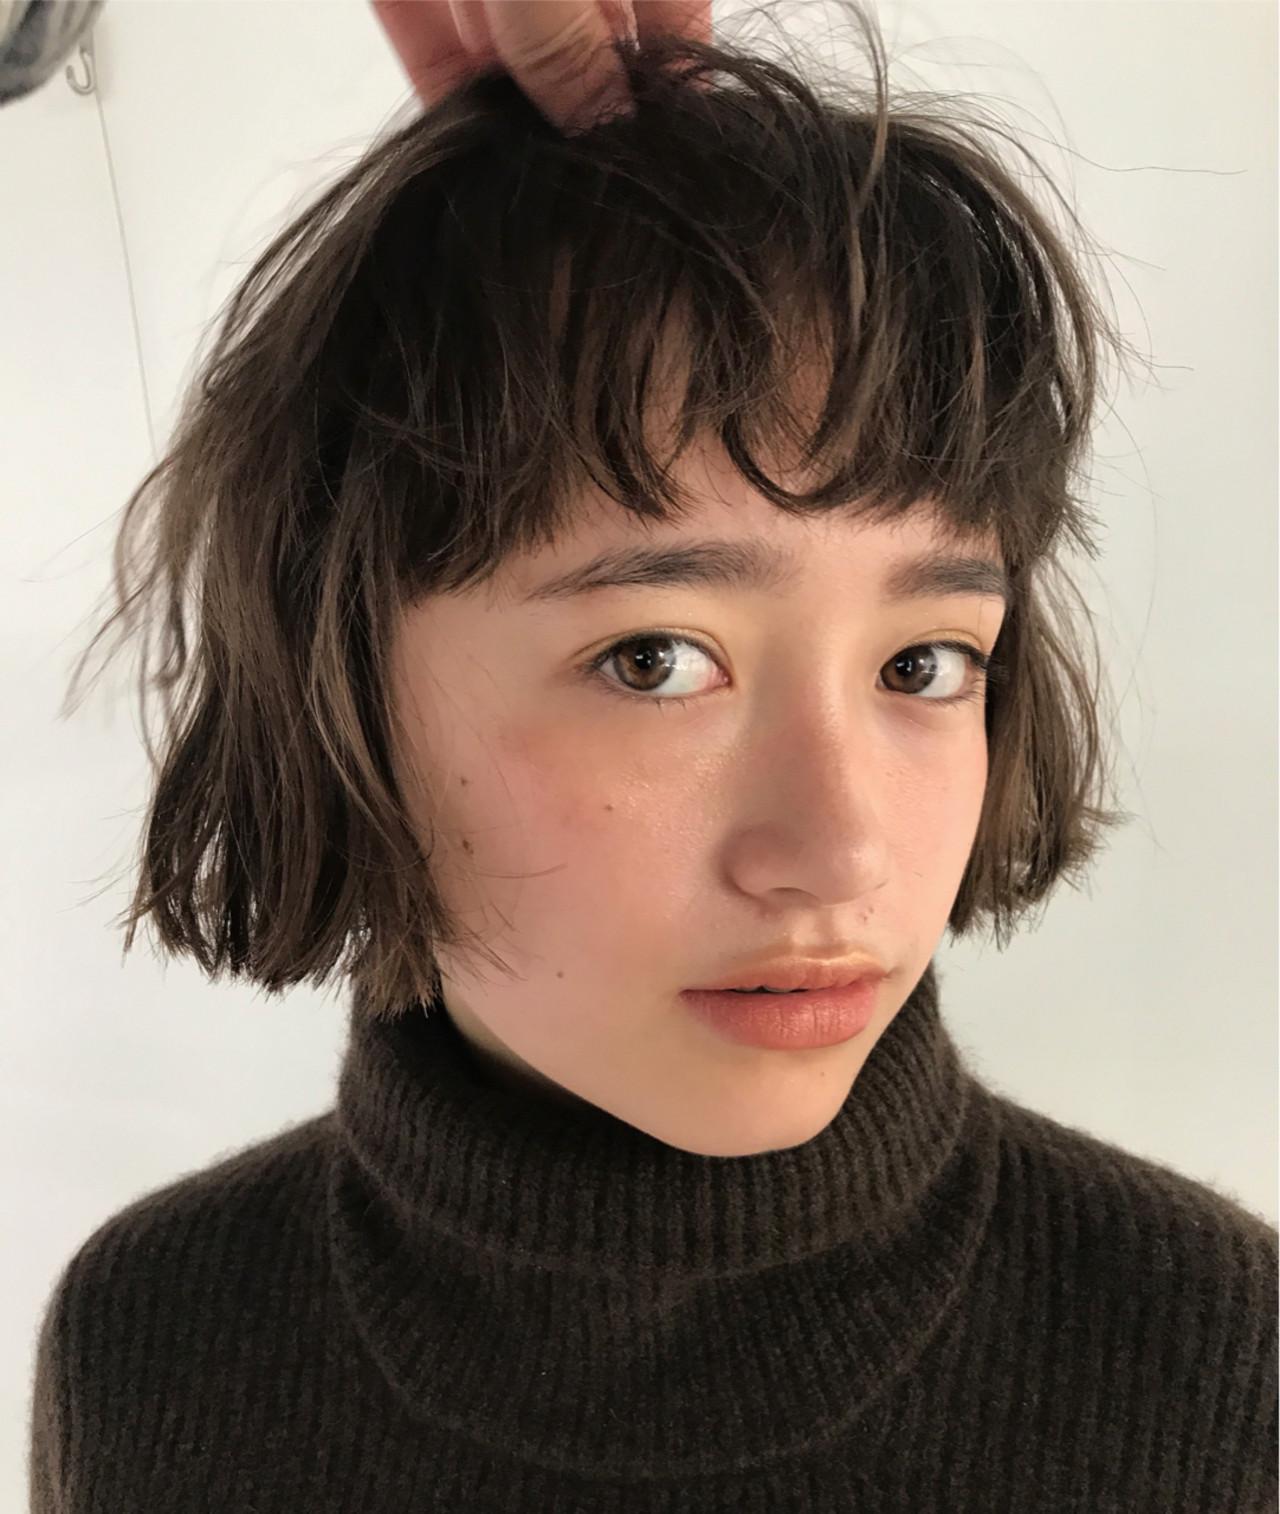 重めバング ブリーチ ボブ アンニュイほつれヘア ヘアスタイルや髪型の写真・画像 | 高橋 忍 / nanuk渋谷店(ナヌーク)